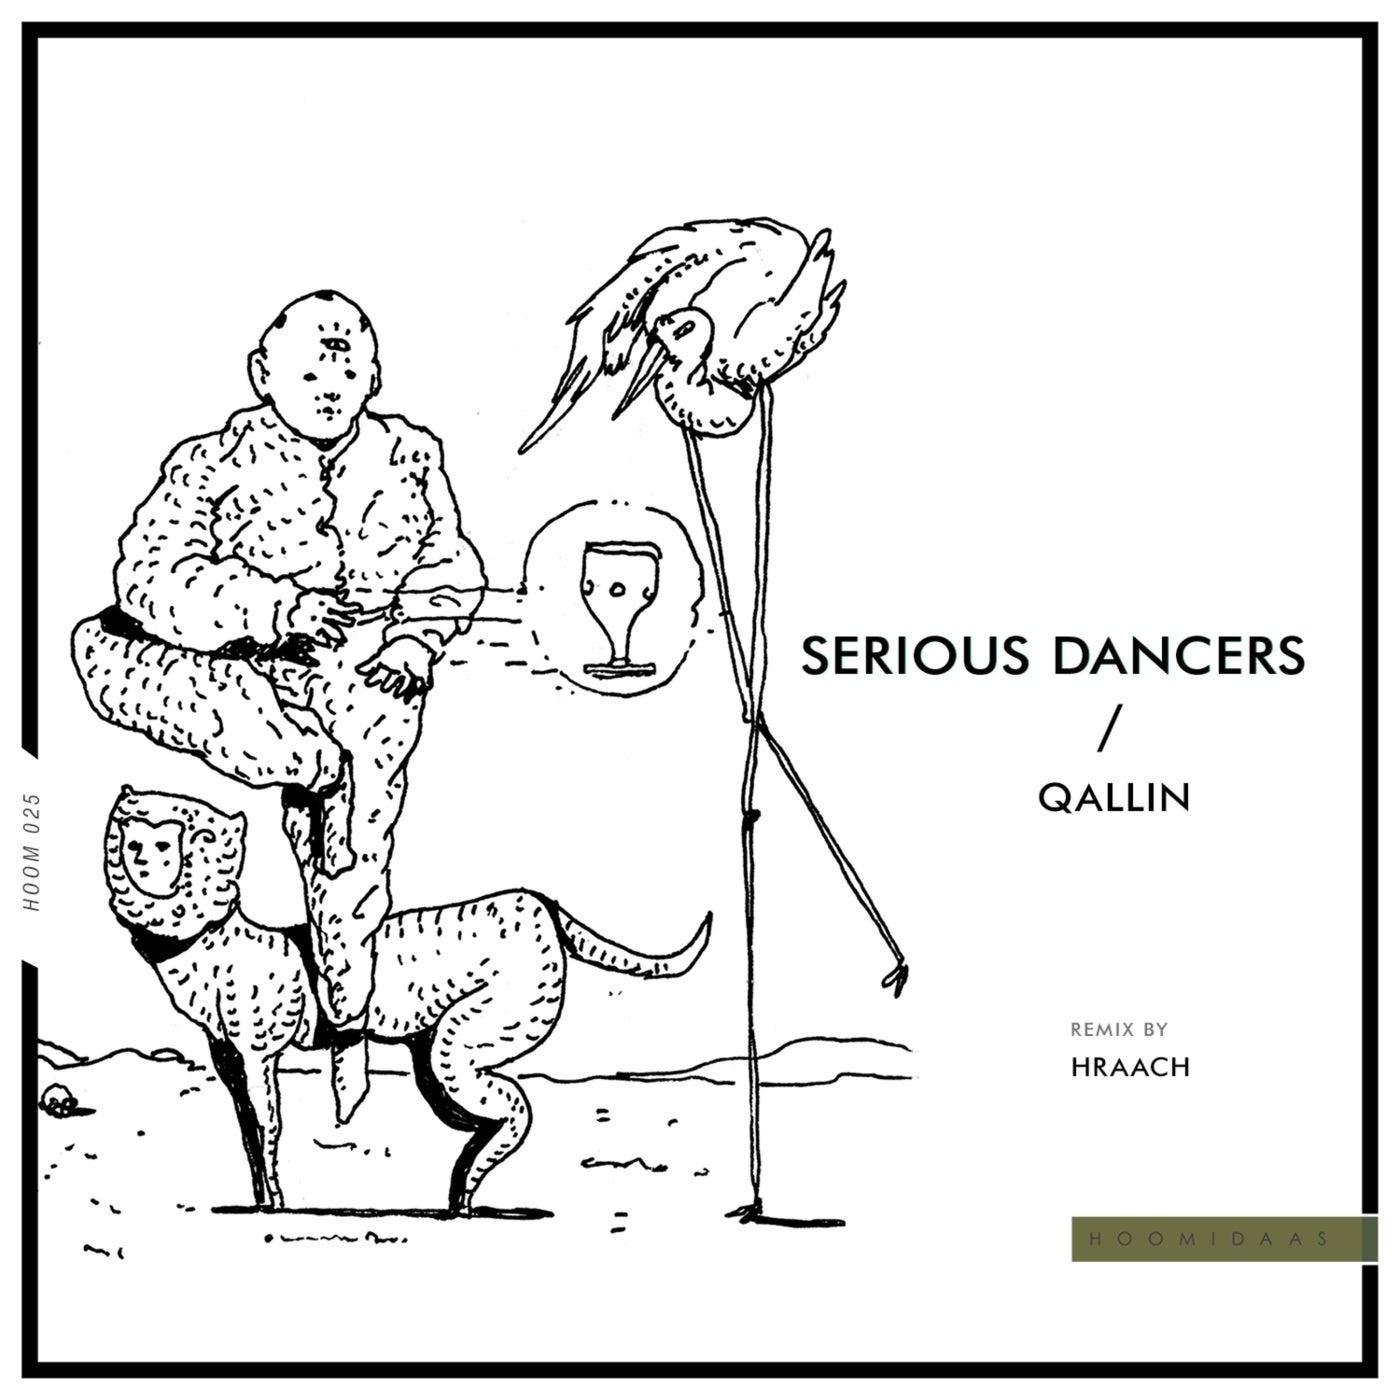 Qallin (Original Mix)